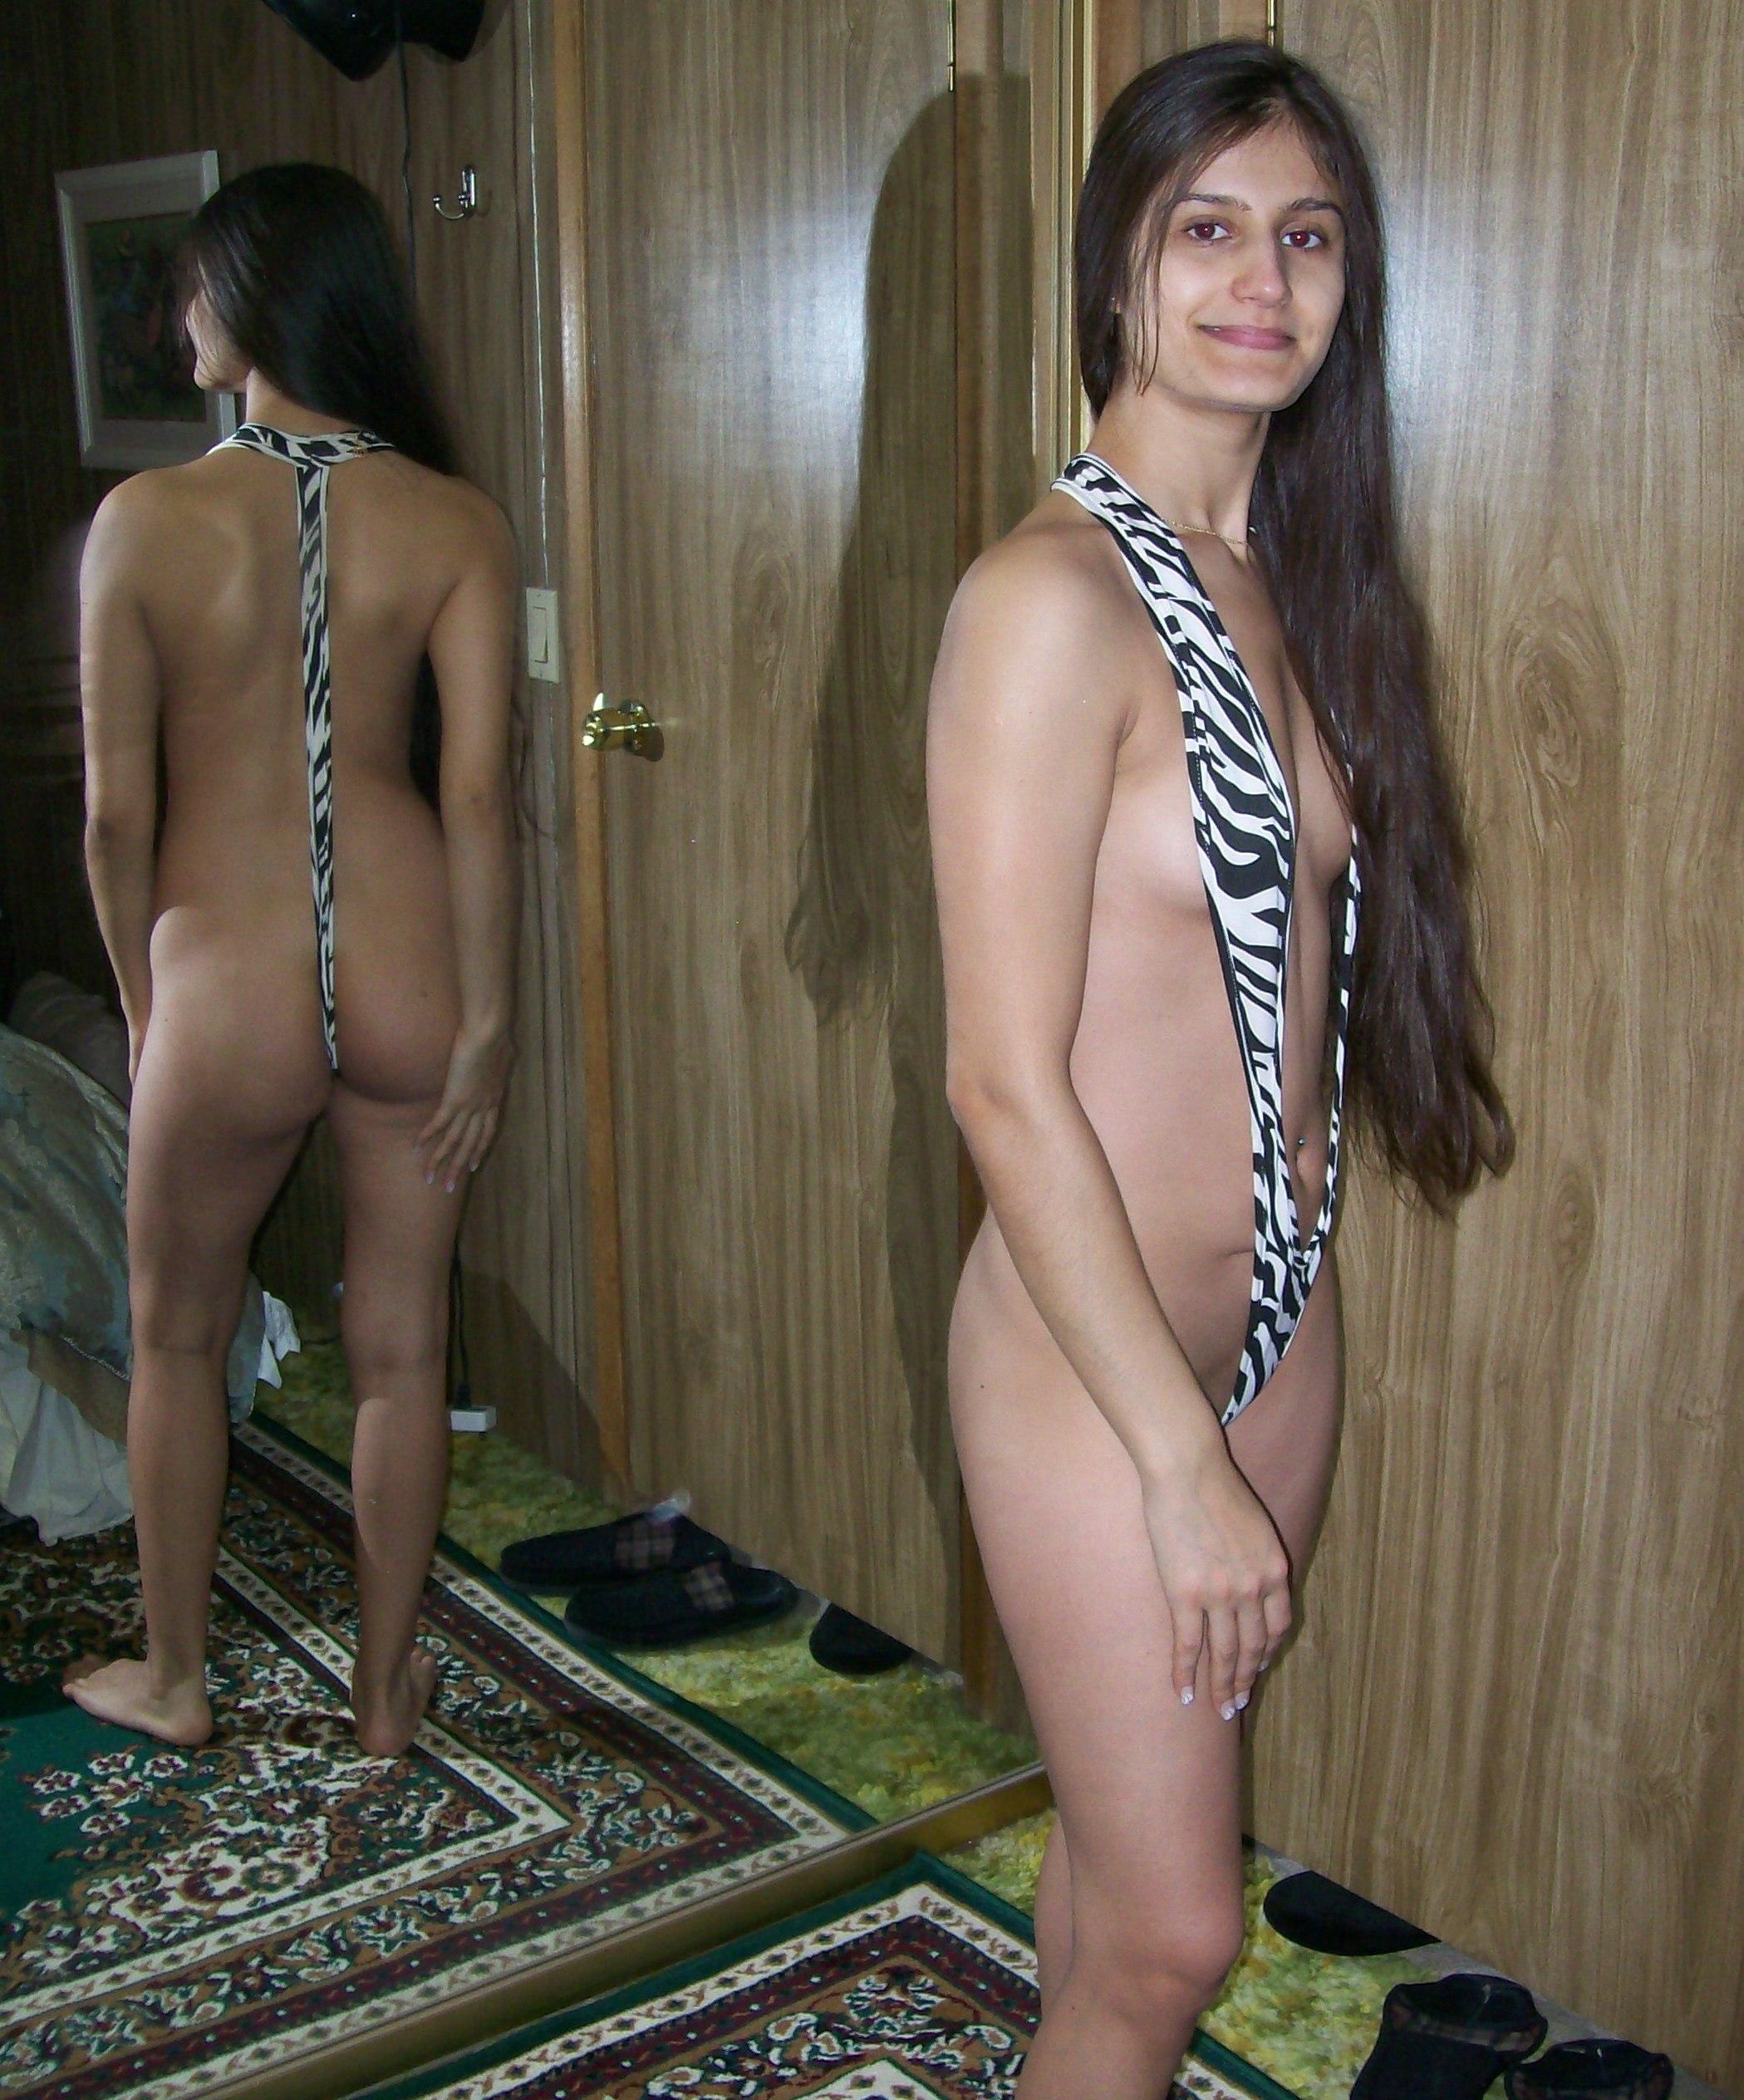 Секси девушка из Пакистана без комплексов